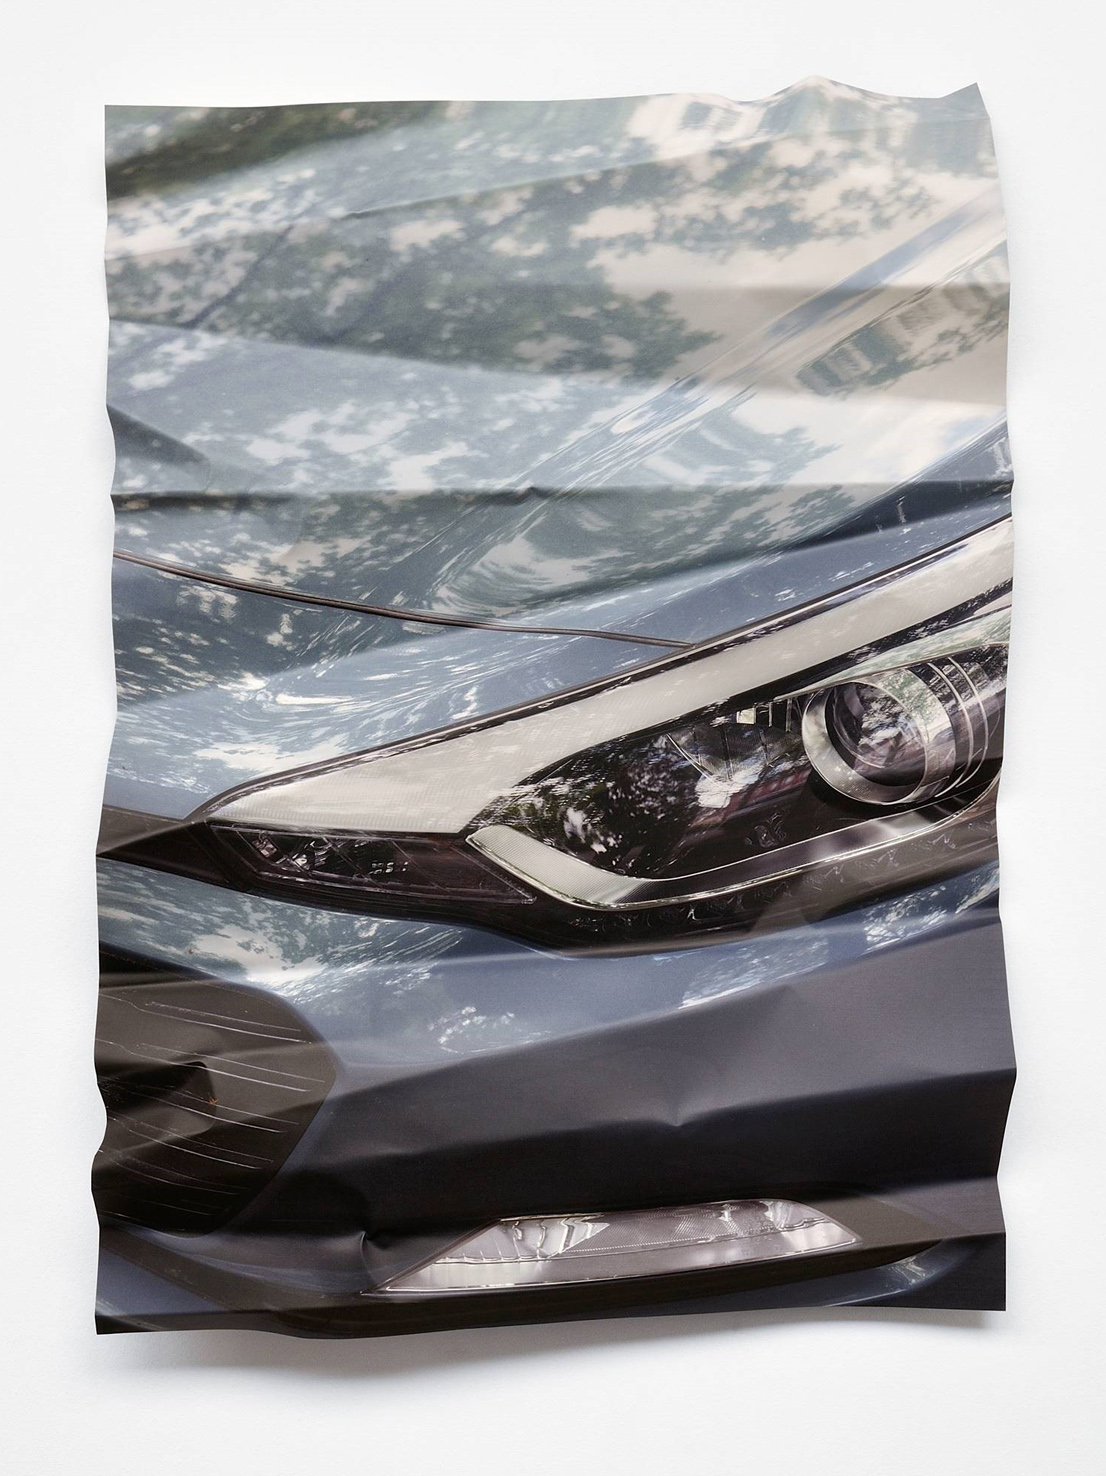 Silver Crash, 2018, UV-Print on aluminium, 134 x 101 cm